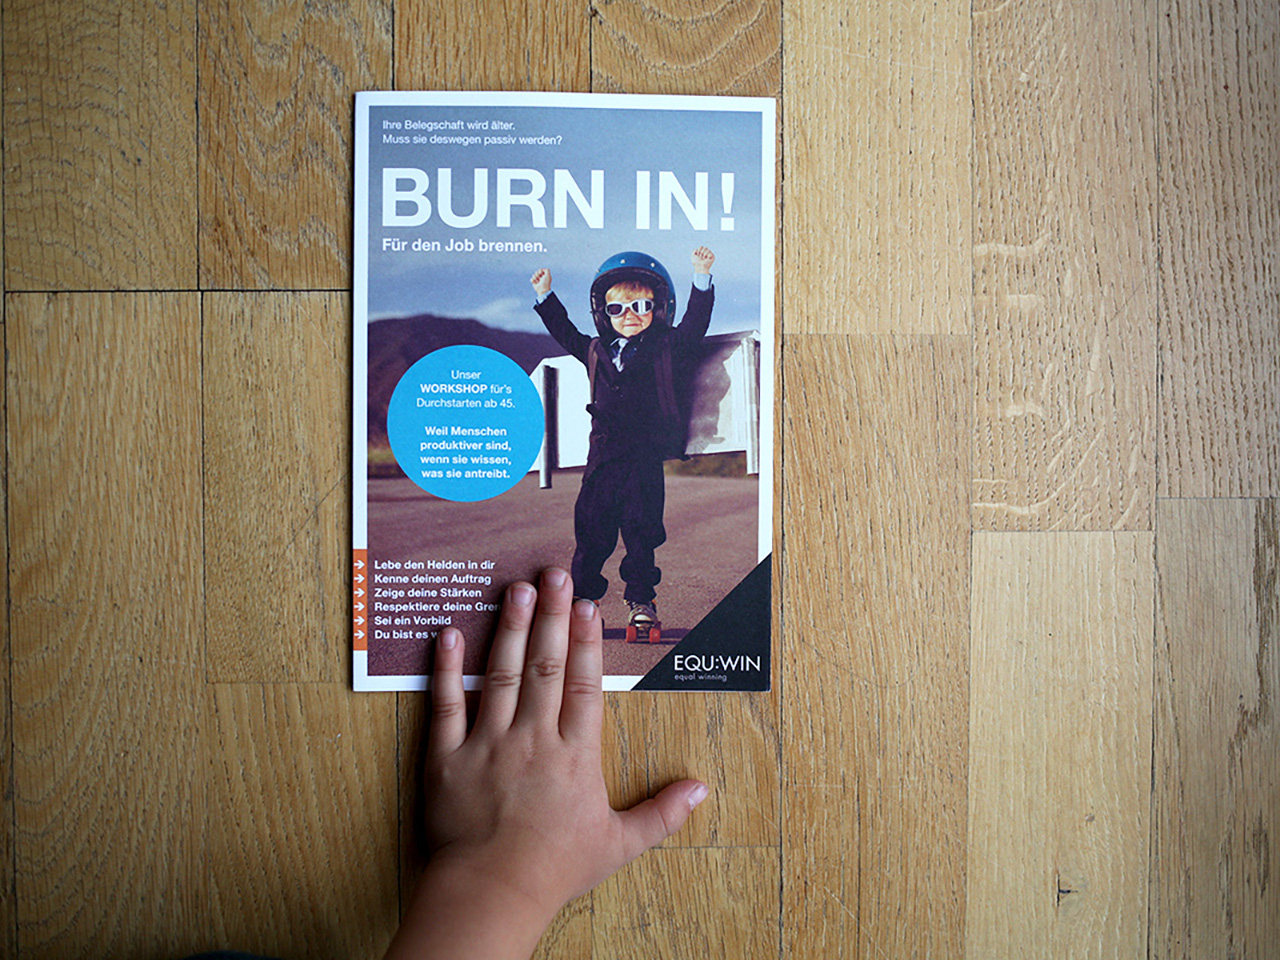 EQU:WIN – BURN IN!